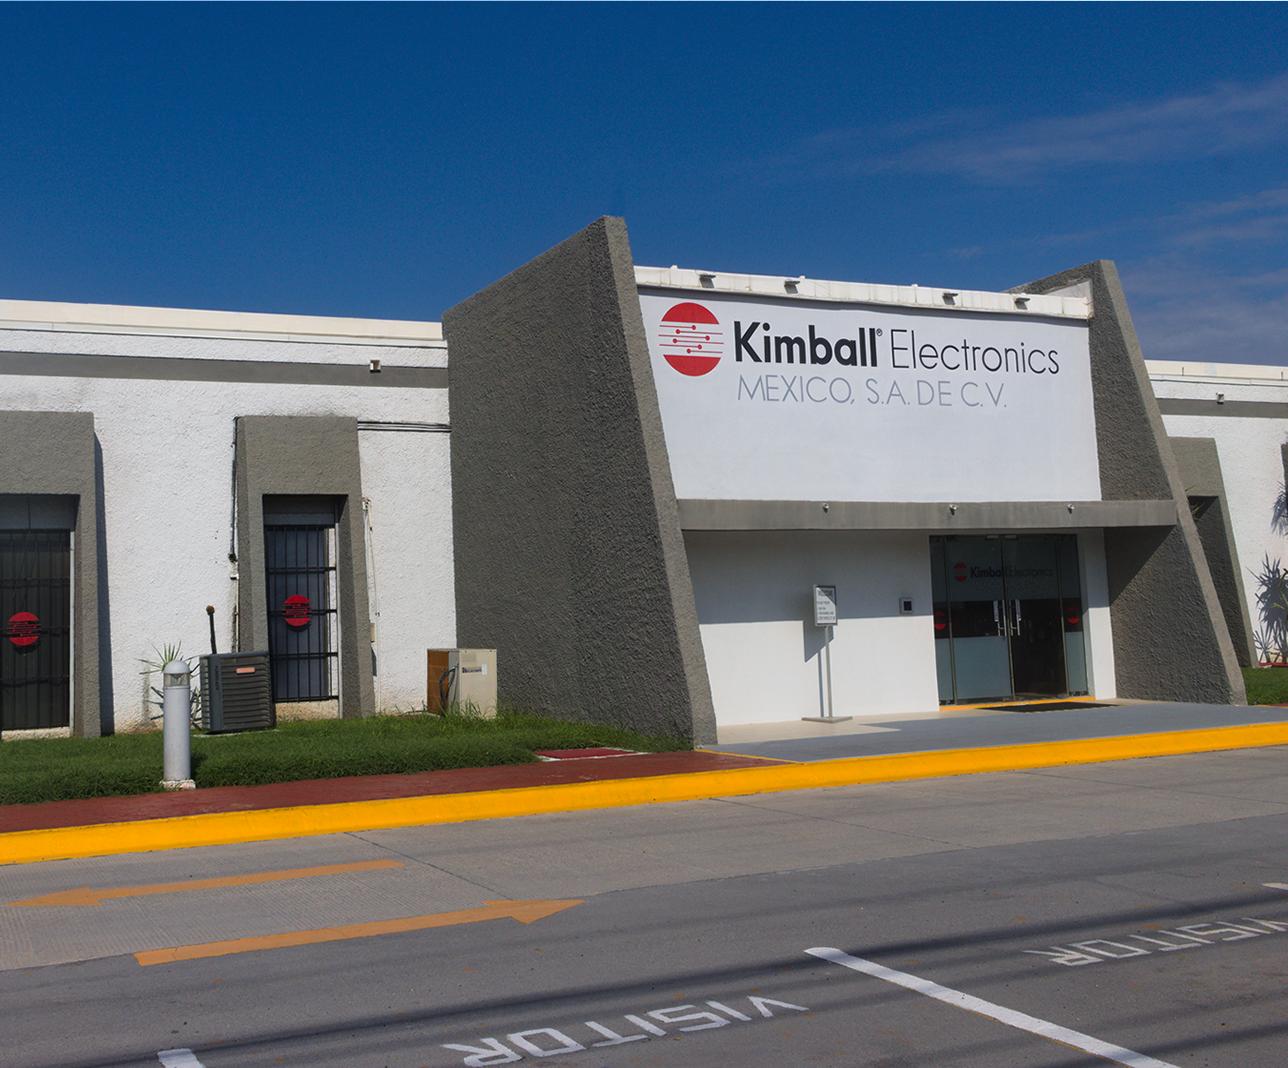 kimball-electronics-inicia-la-construcción-de-nueva-planta-en-tamaulipas-2-alt